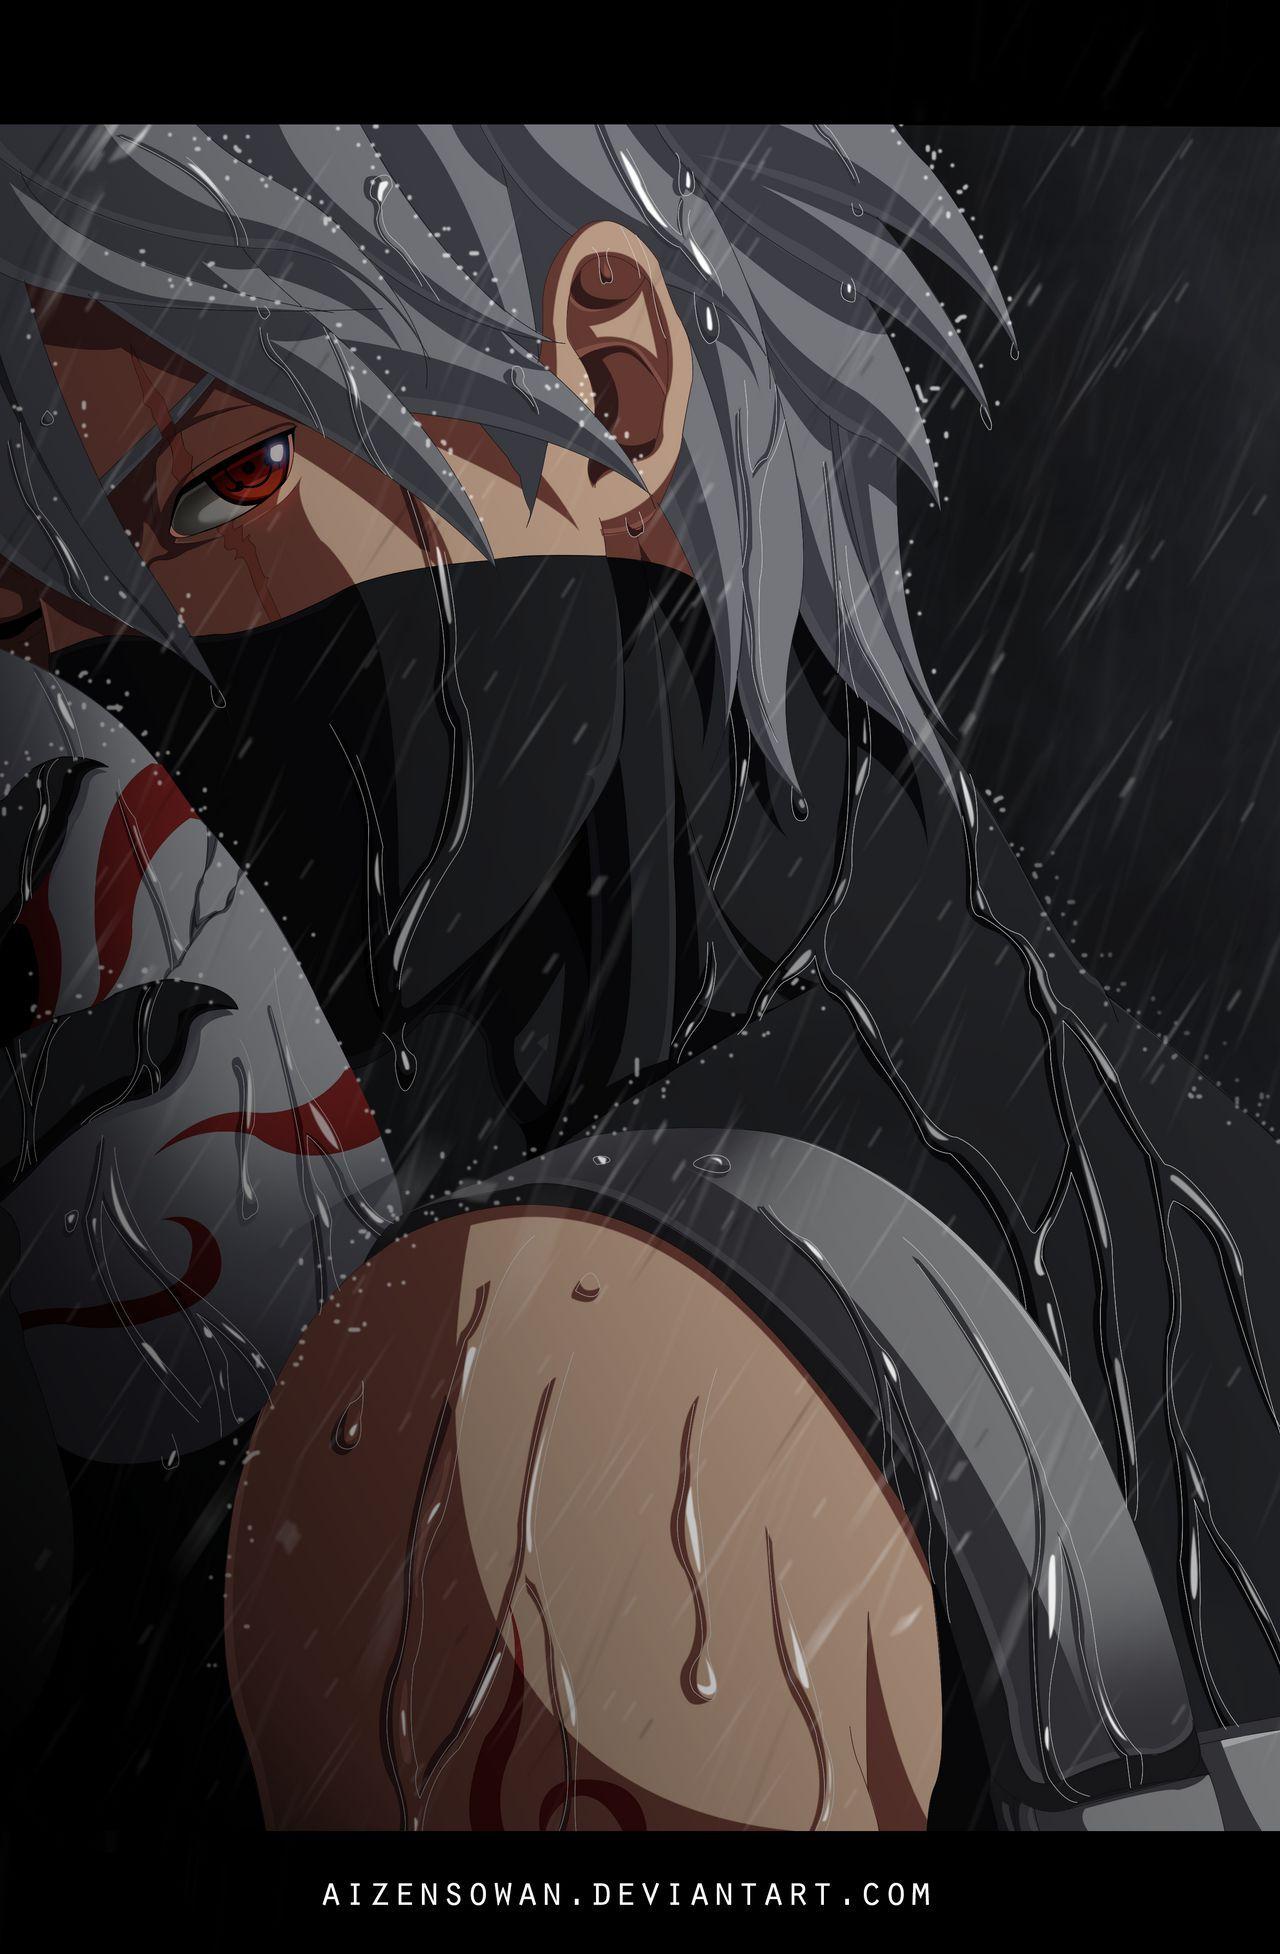 Naruto - Hatake Kakashi by AizenSowan on DeviantArt